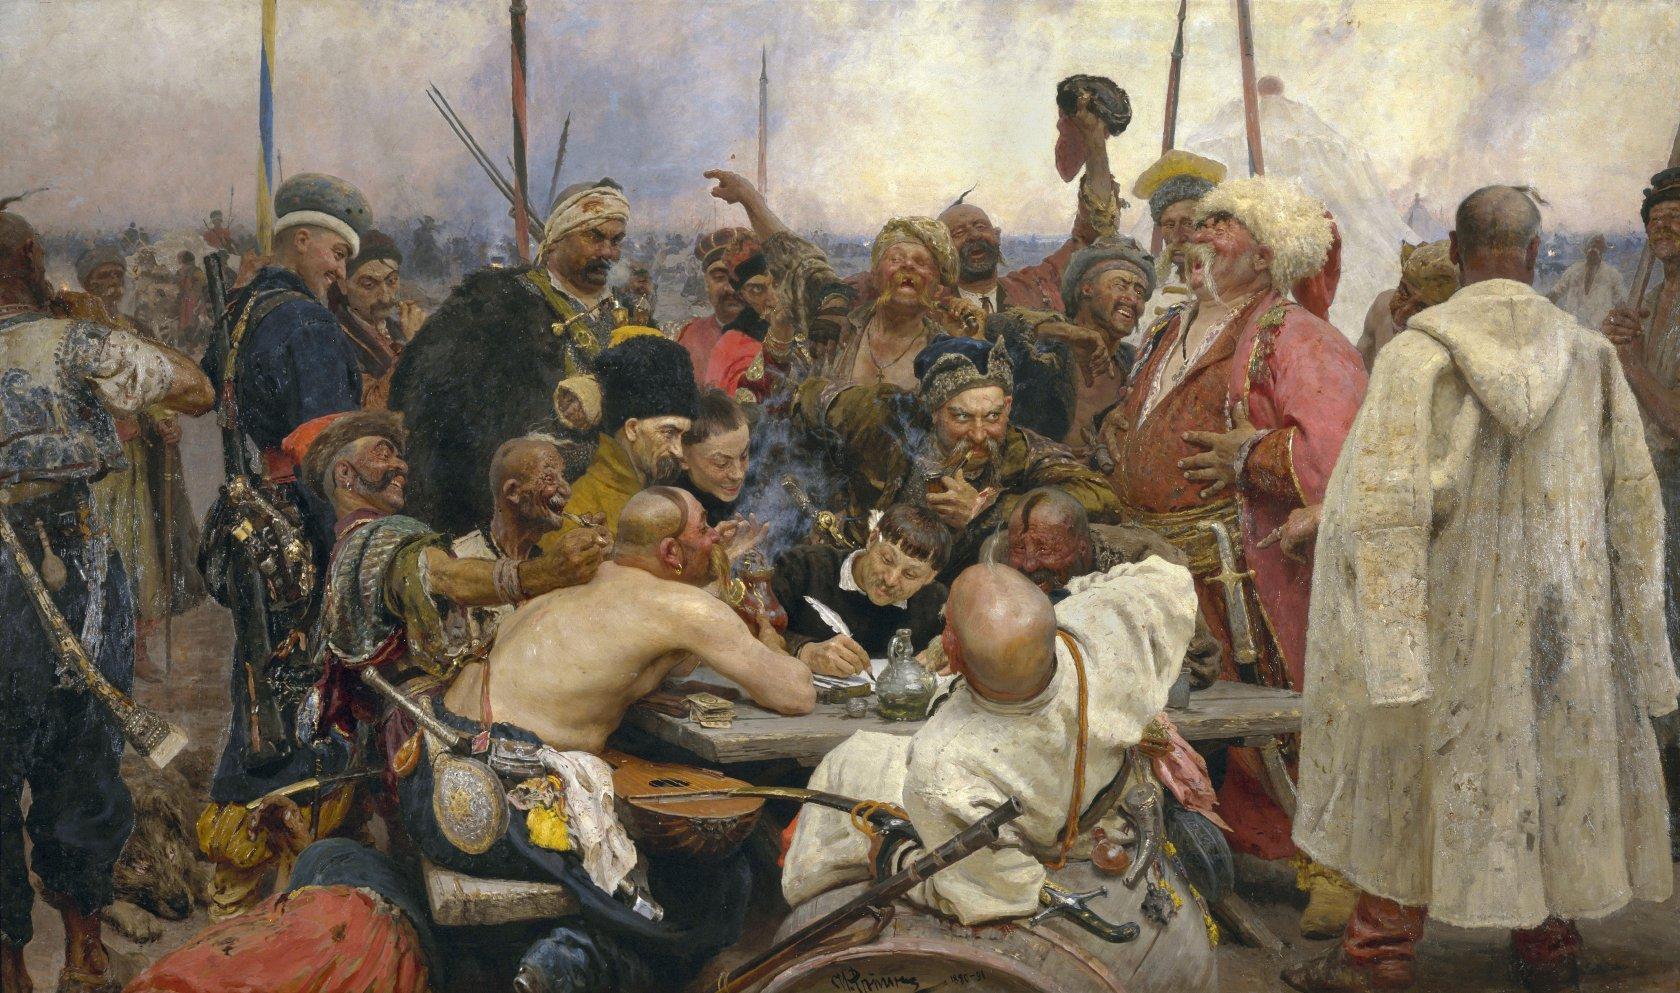 «Запорожцы пишут письмо турецкому султану», Илья Репин